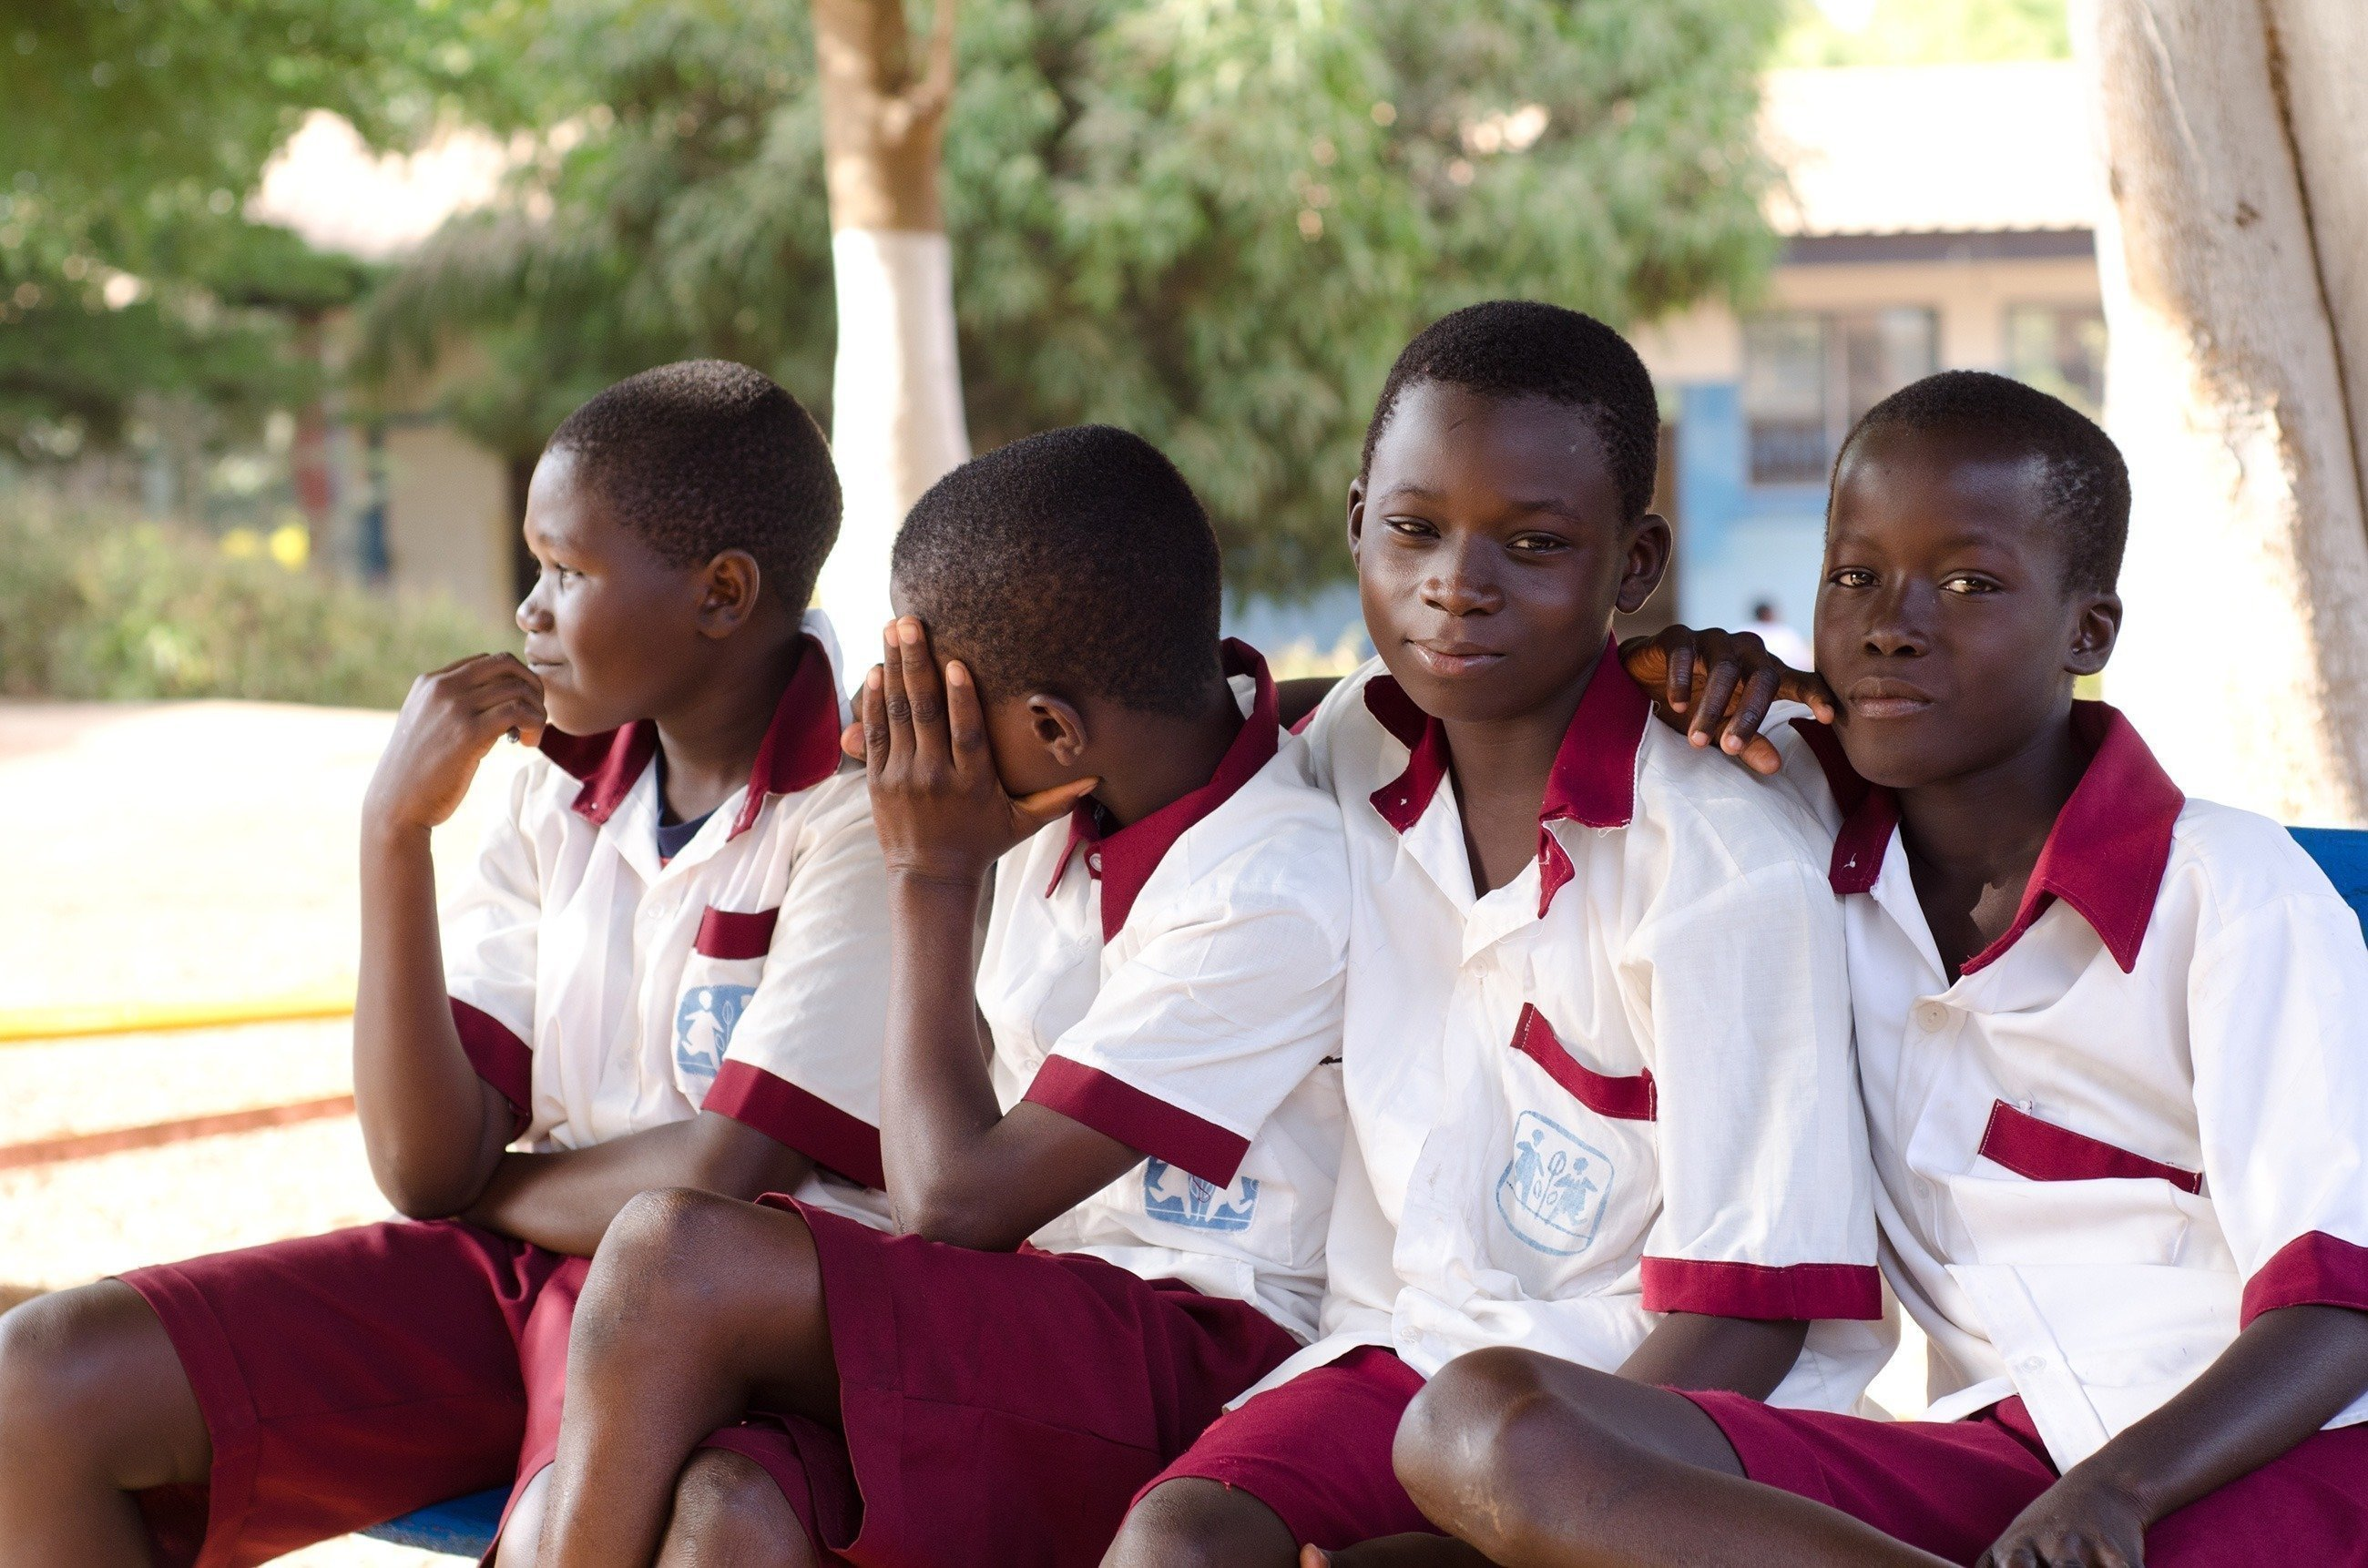 Vier Jungen sitzen in Schuluniform auf einer Bank.